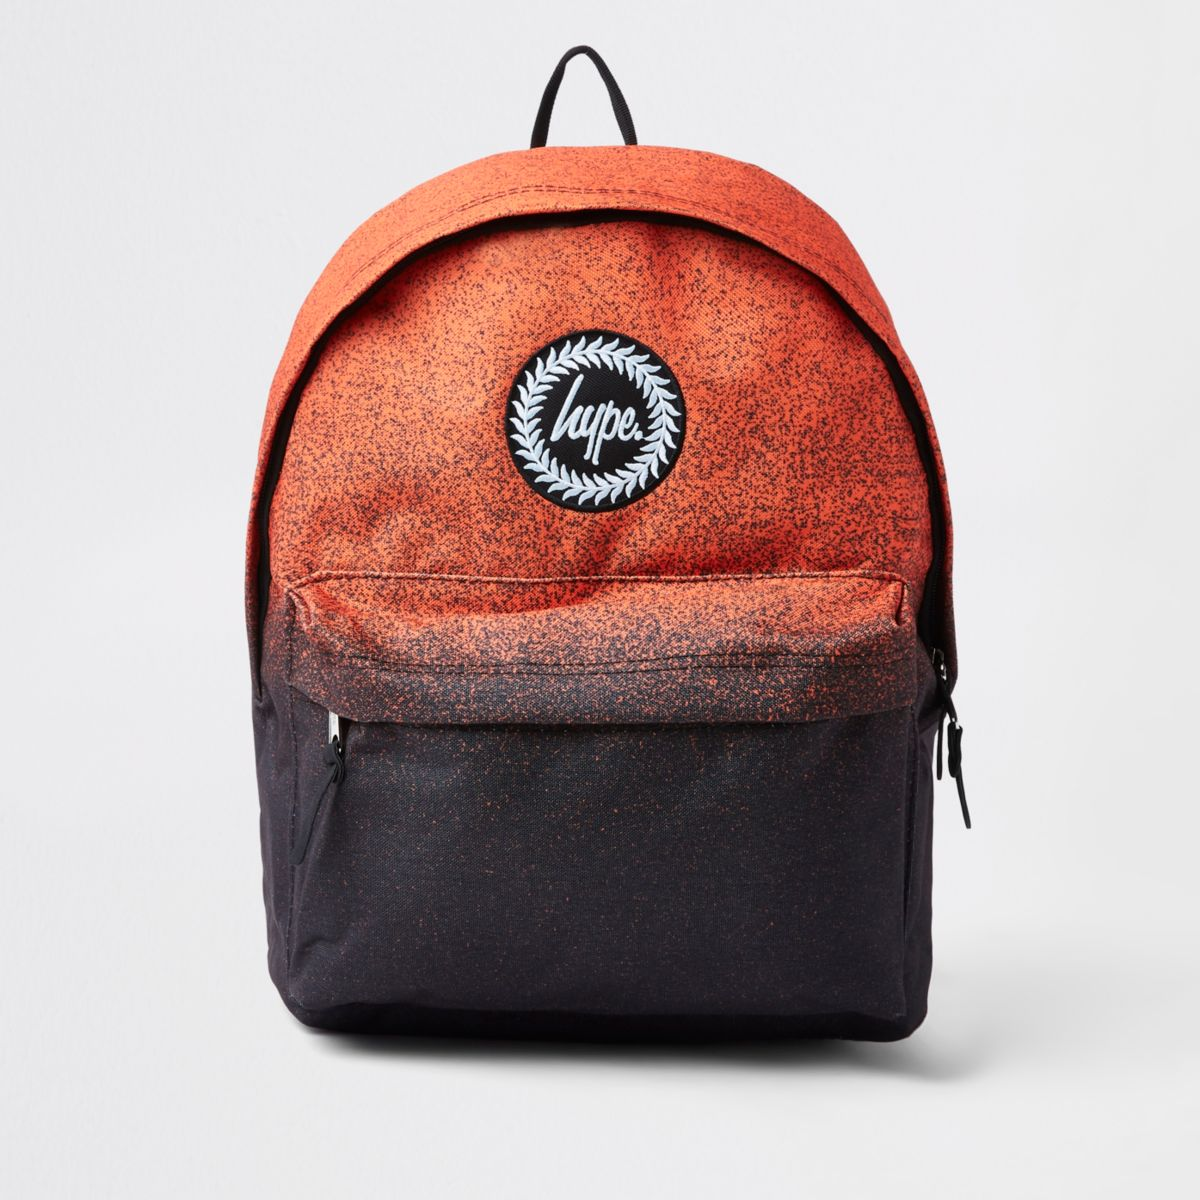 Boys Hype black orange speckled backpack